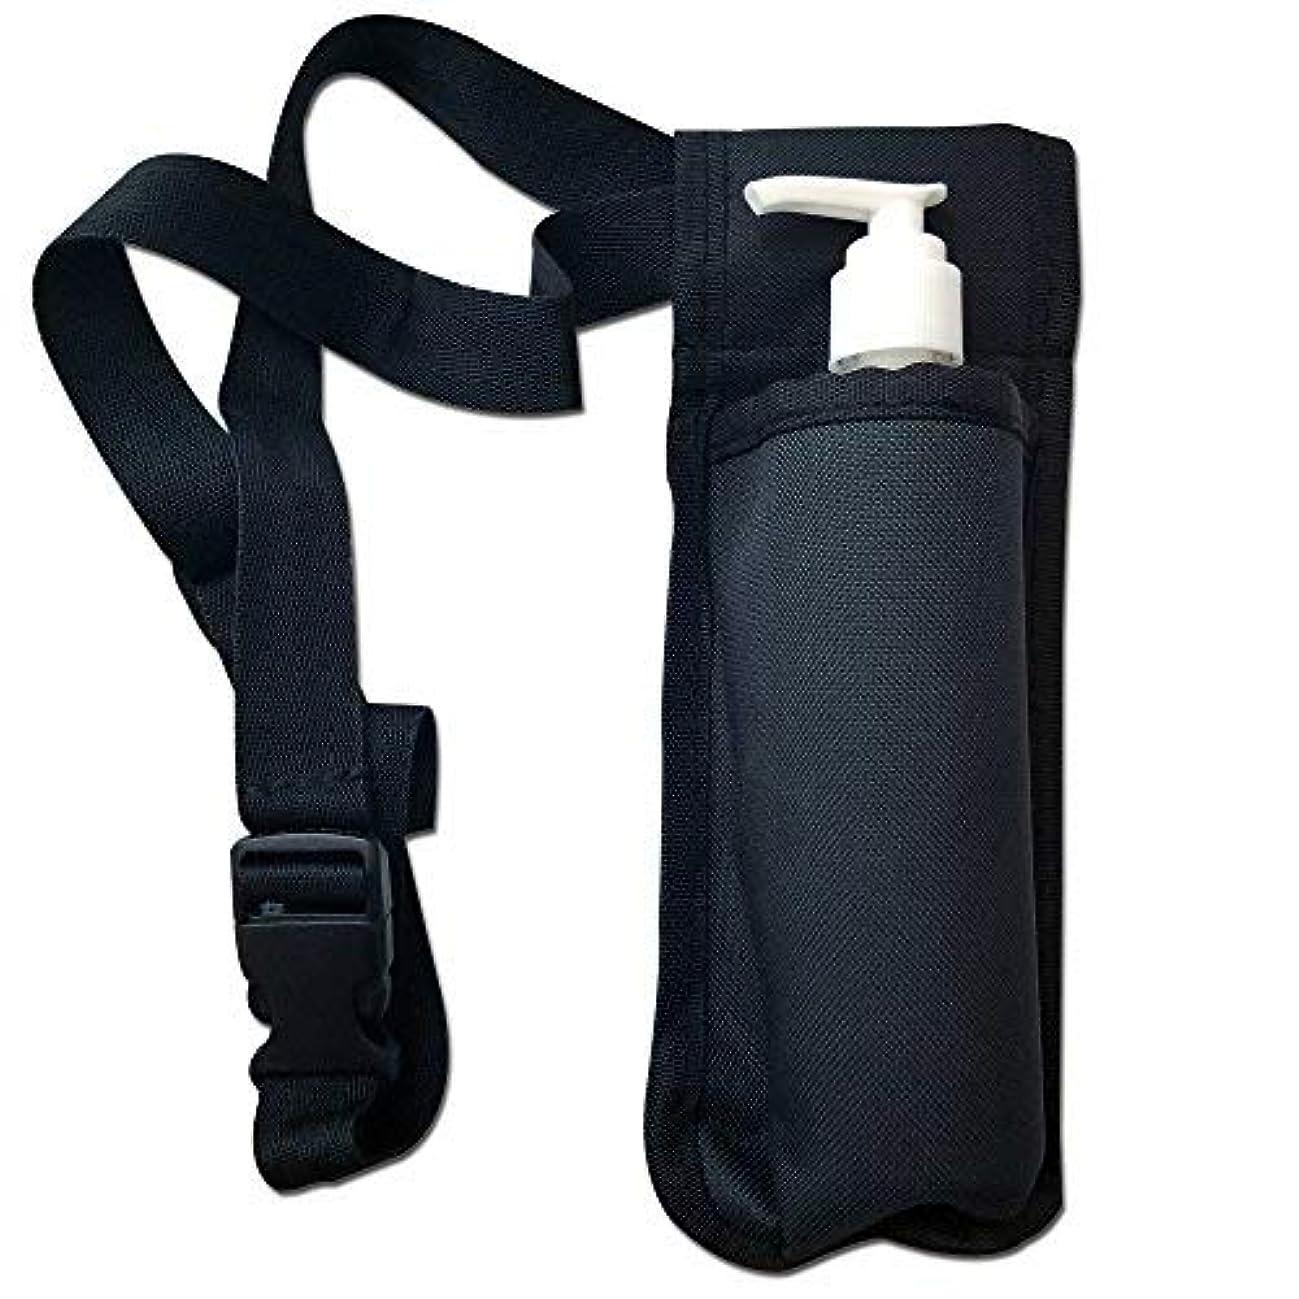 もちろん入場付き添い人TOA Single Bottle Holster Adjustable Strap w/ 6oz Bottle for Massage Oil, Lotion, Cream [並行輸入品]